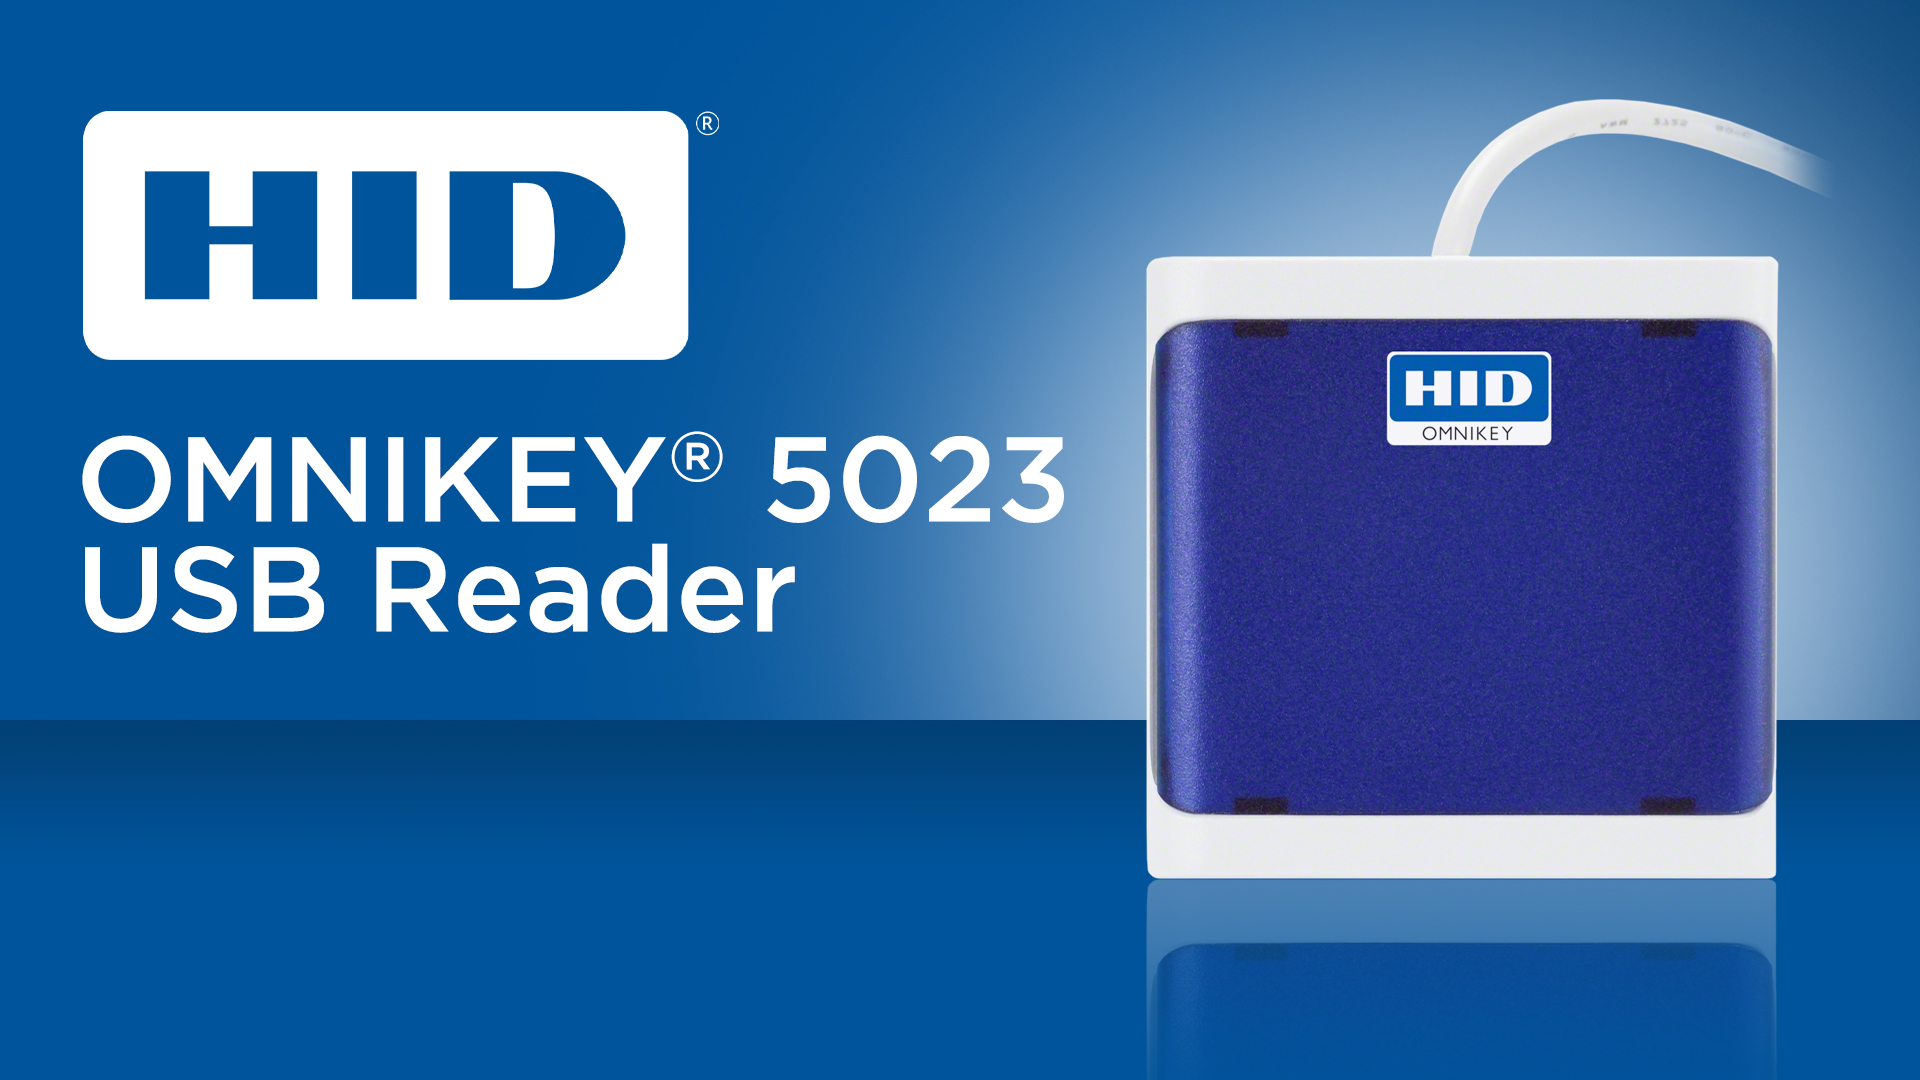 HID Omnikey 5023 USB Reader